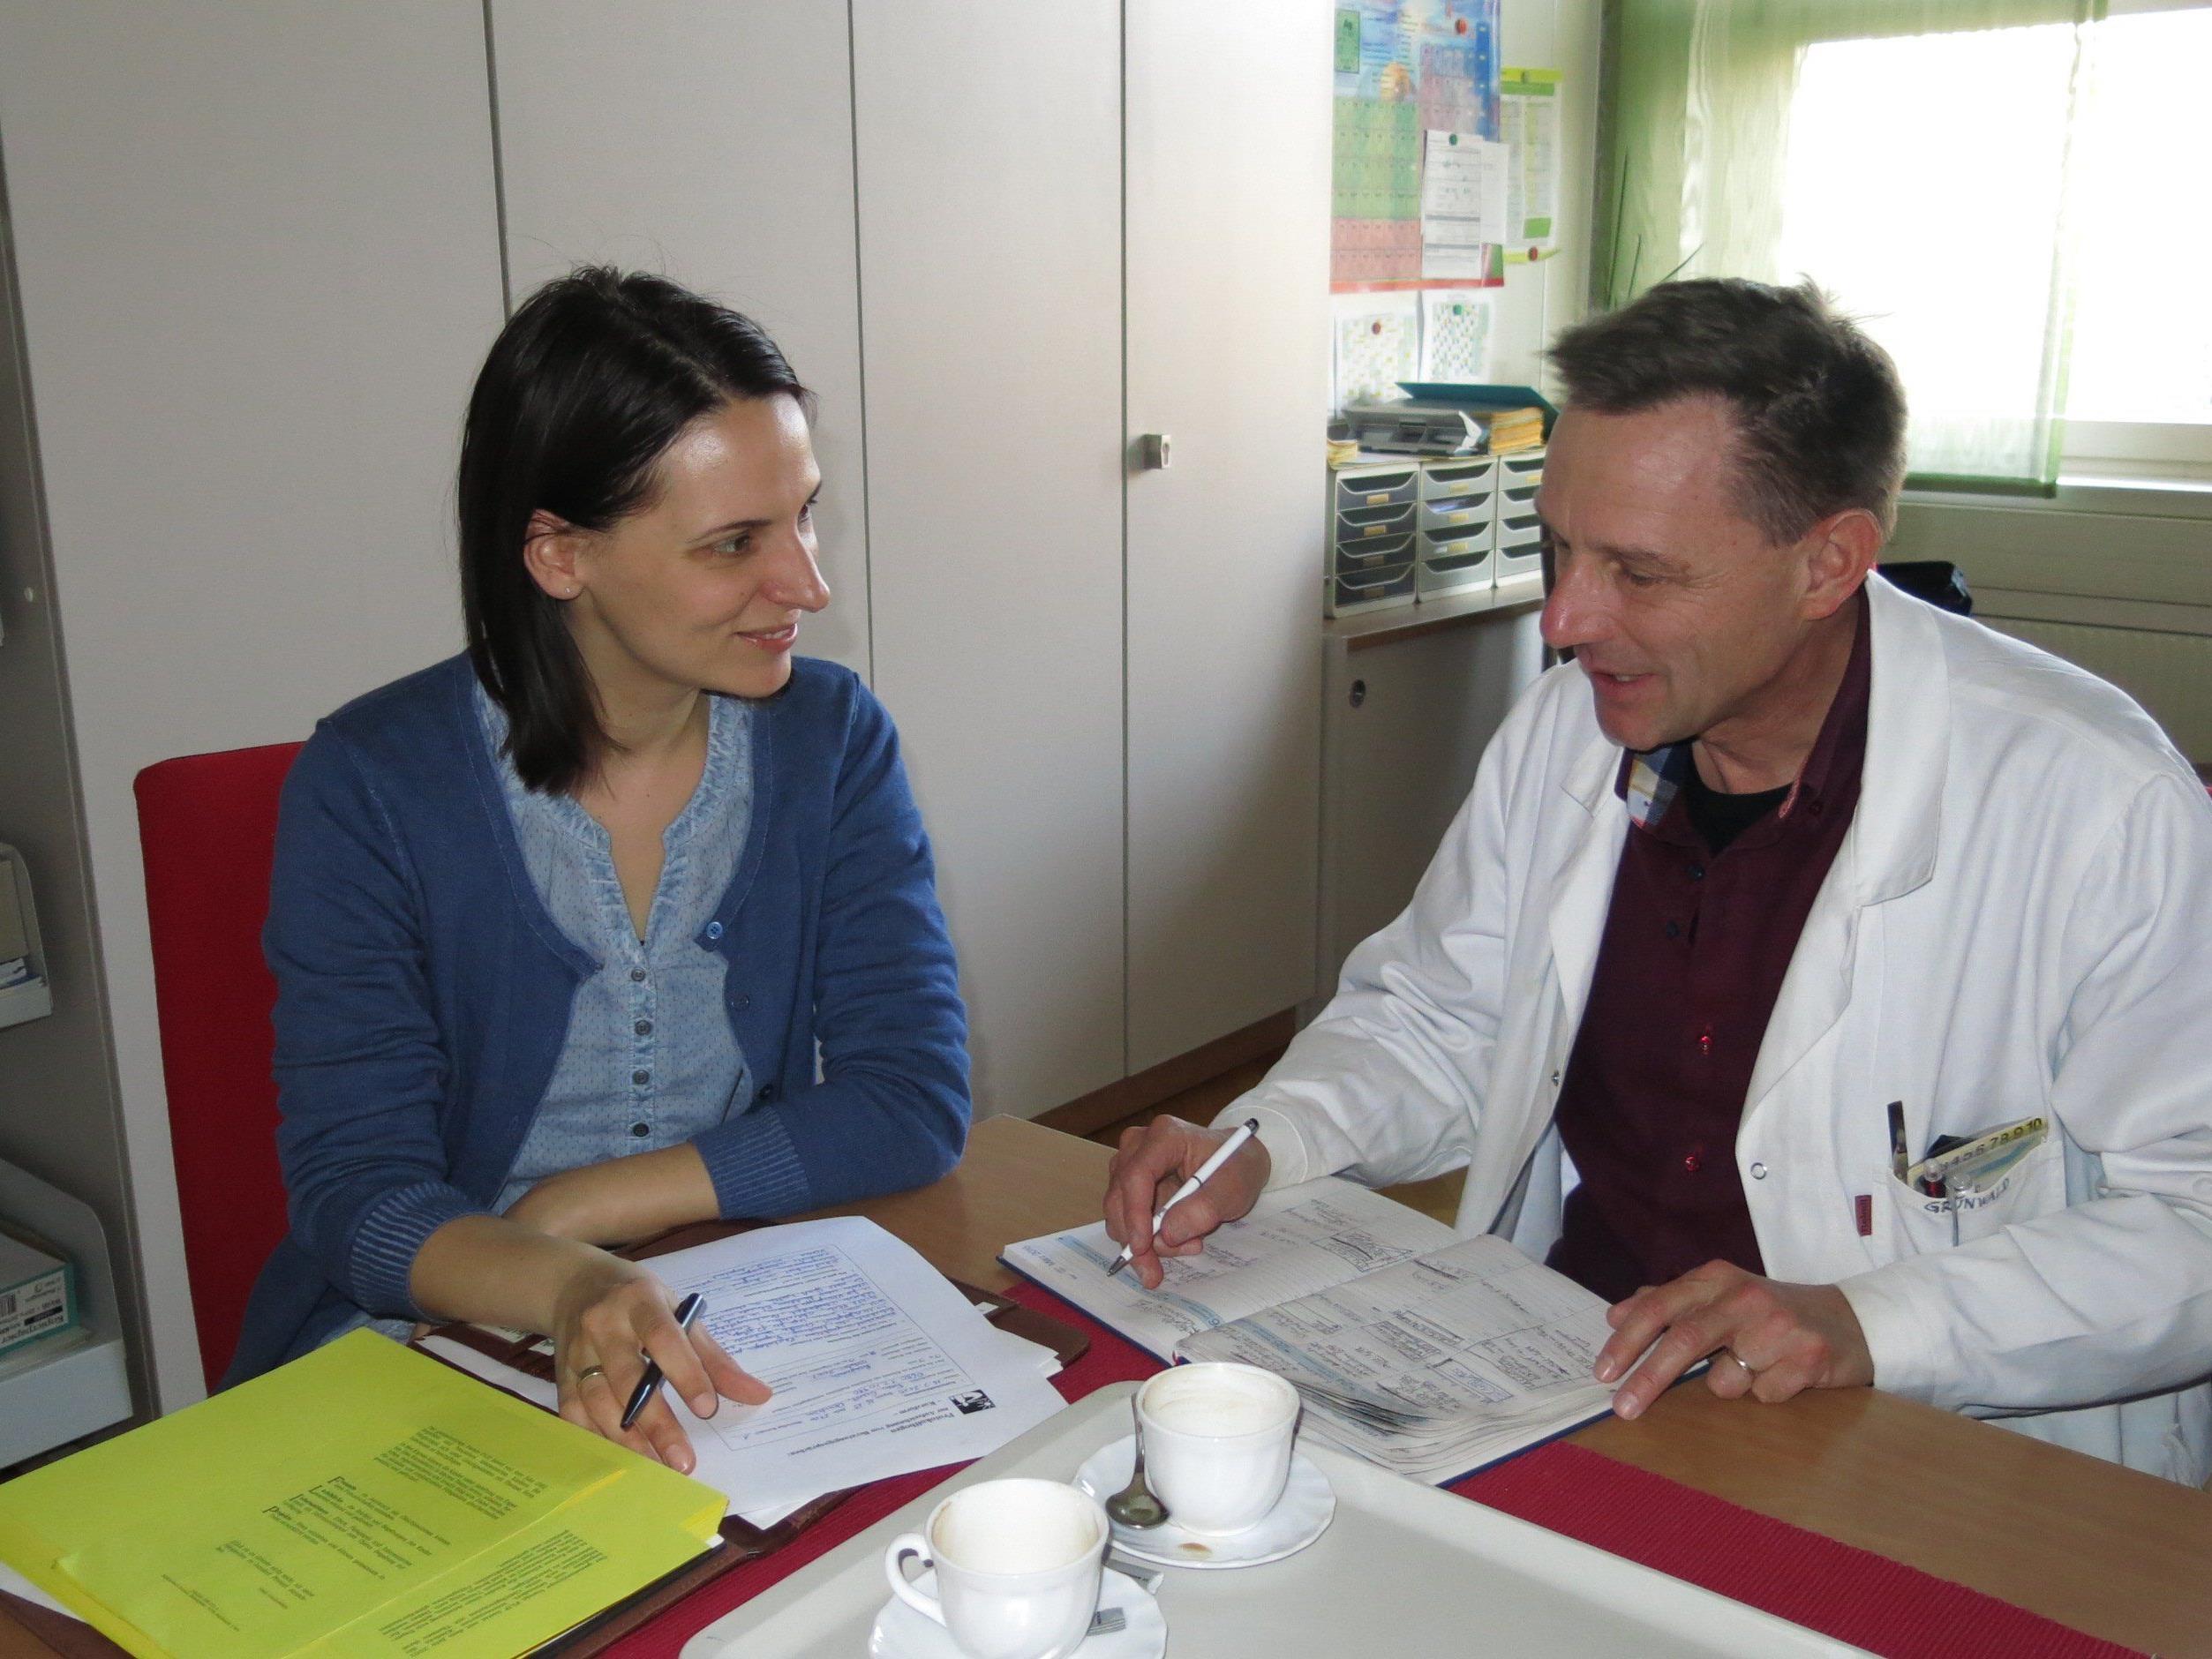 Kindergartenpädagogin Bettina Waibel und Dr. Michael Grünwald (HTL) besprechen das Kursangebot